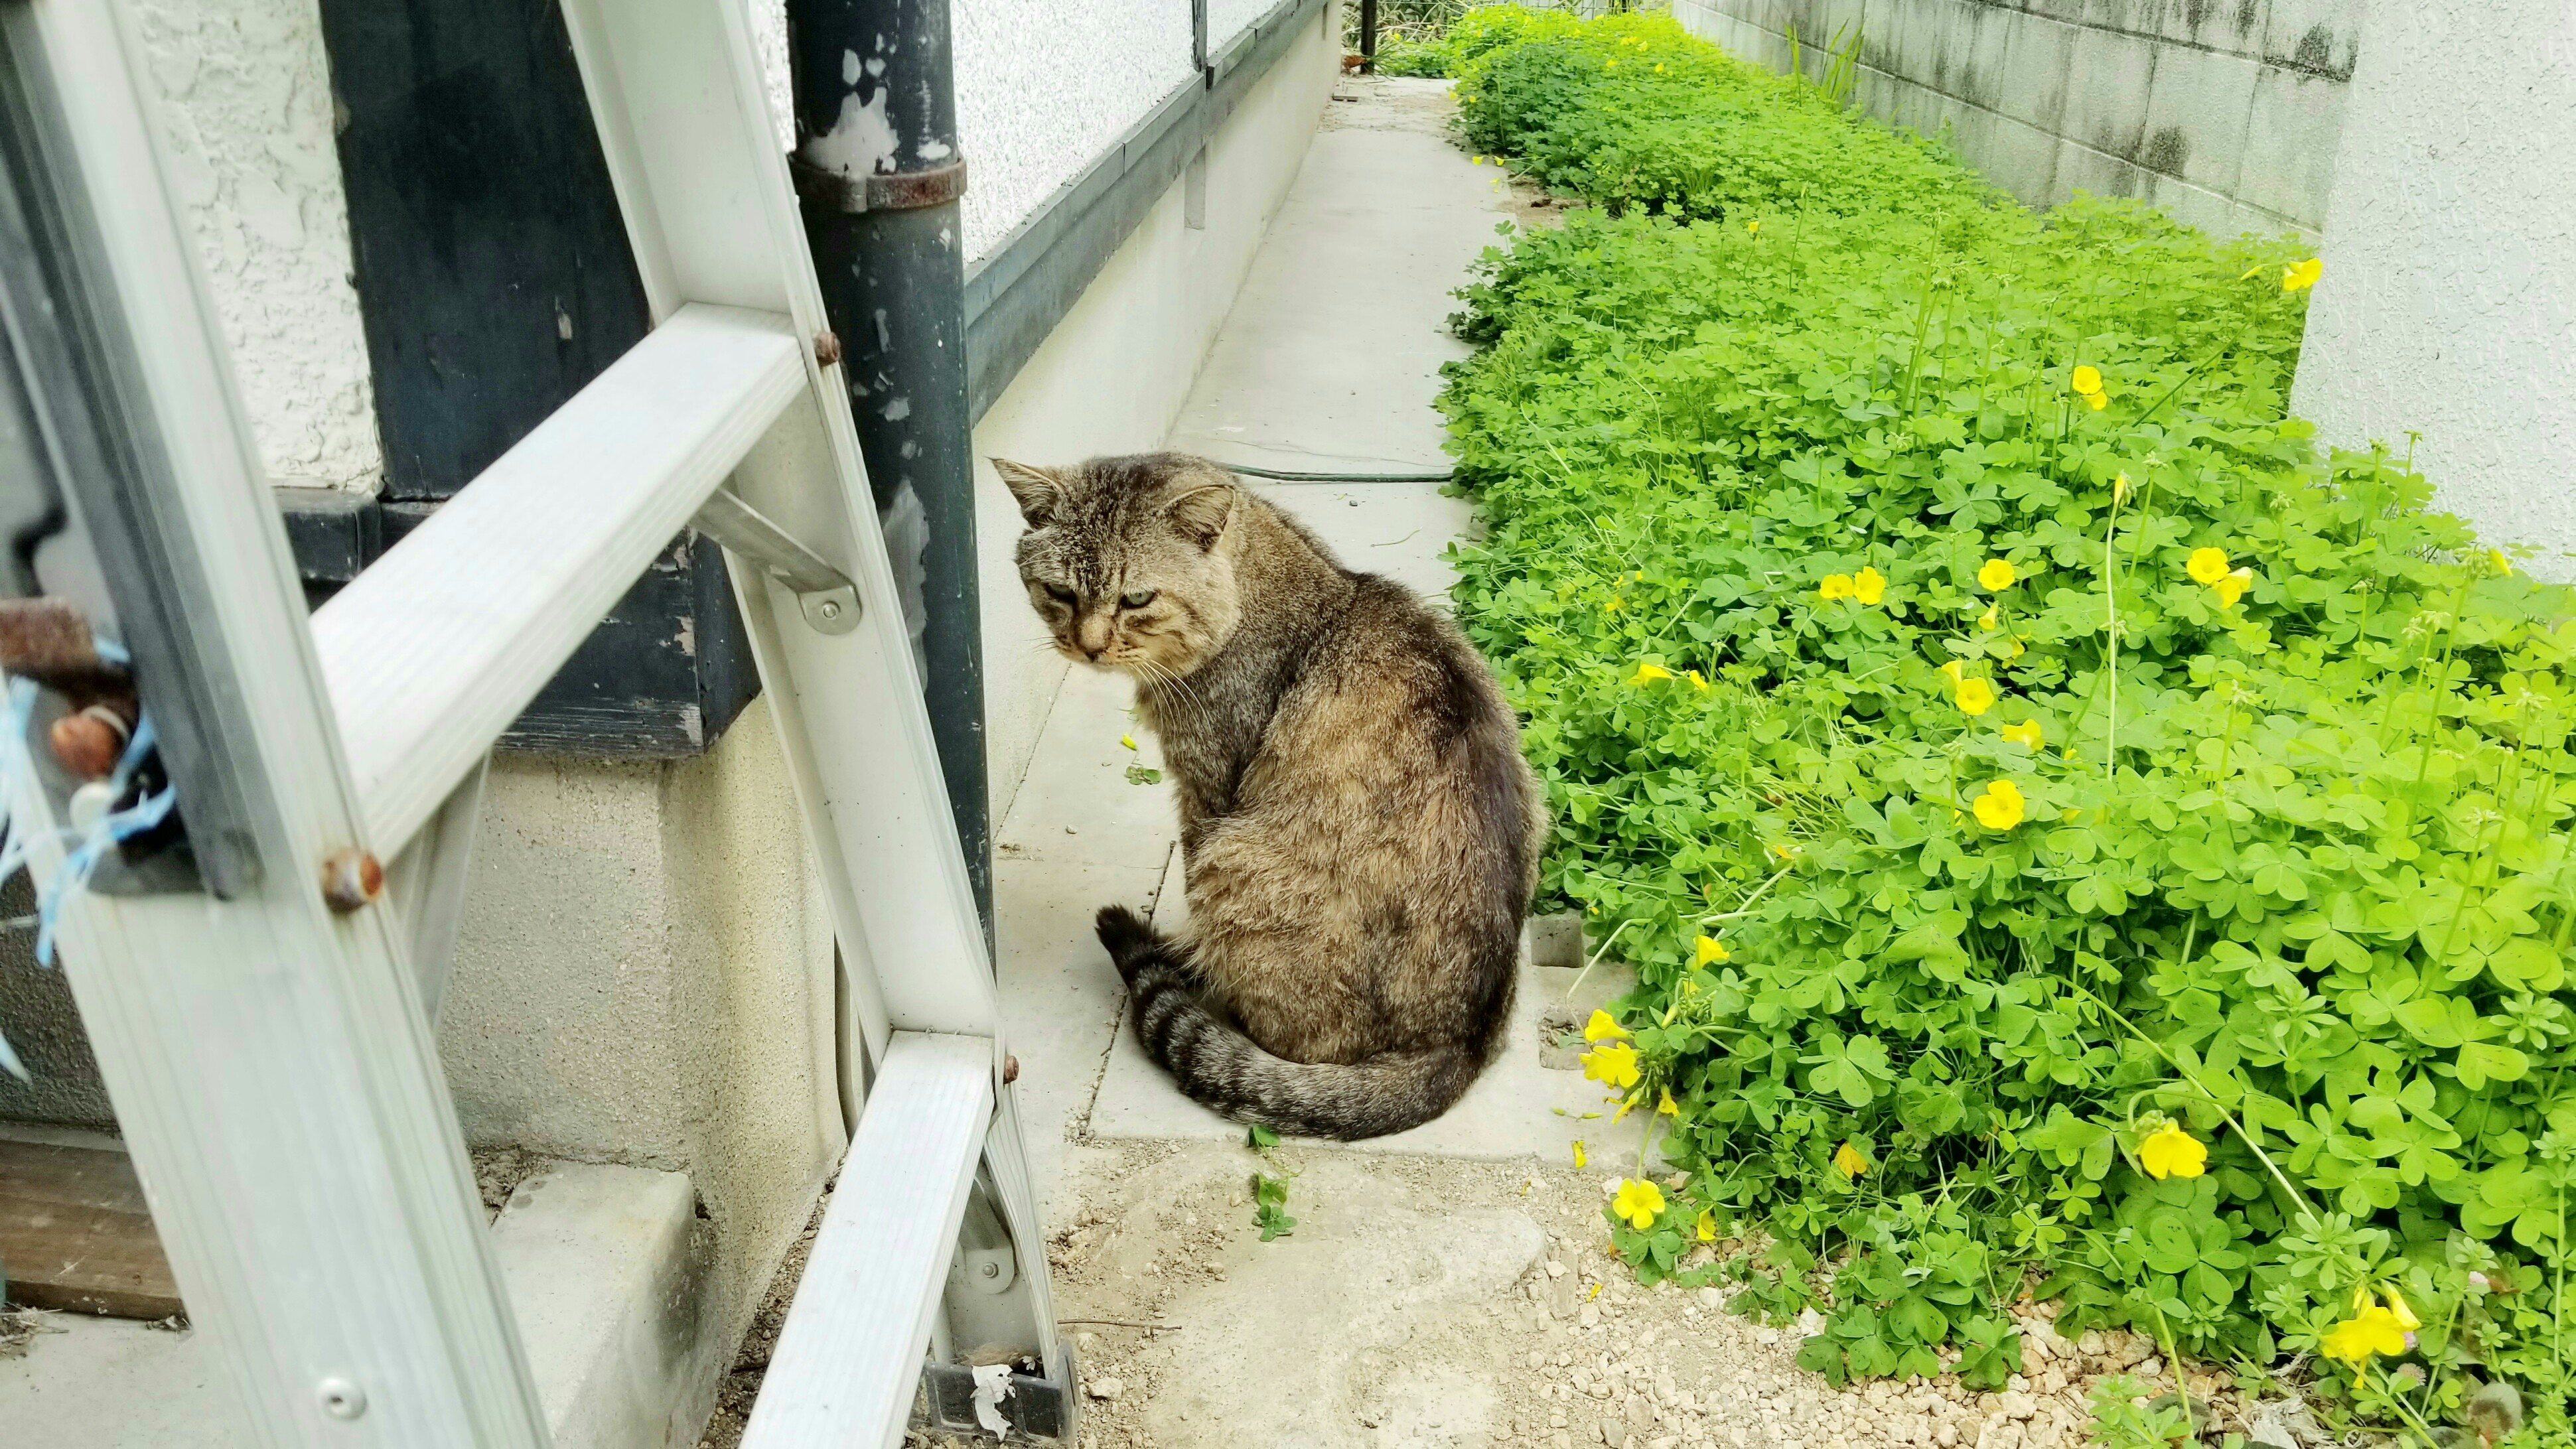 野良猫保護にゃんこちゃんパトロール縄張り探検に行く日常生活